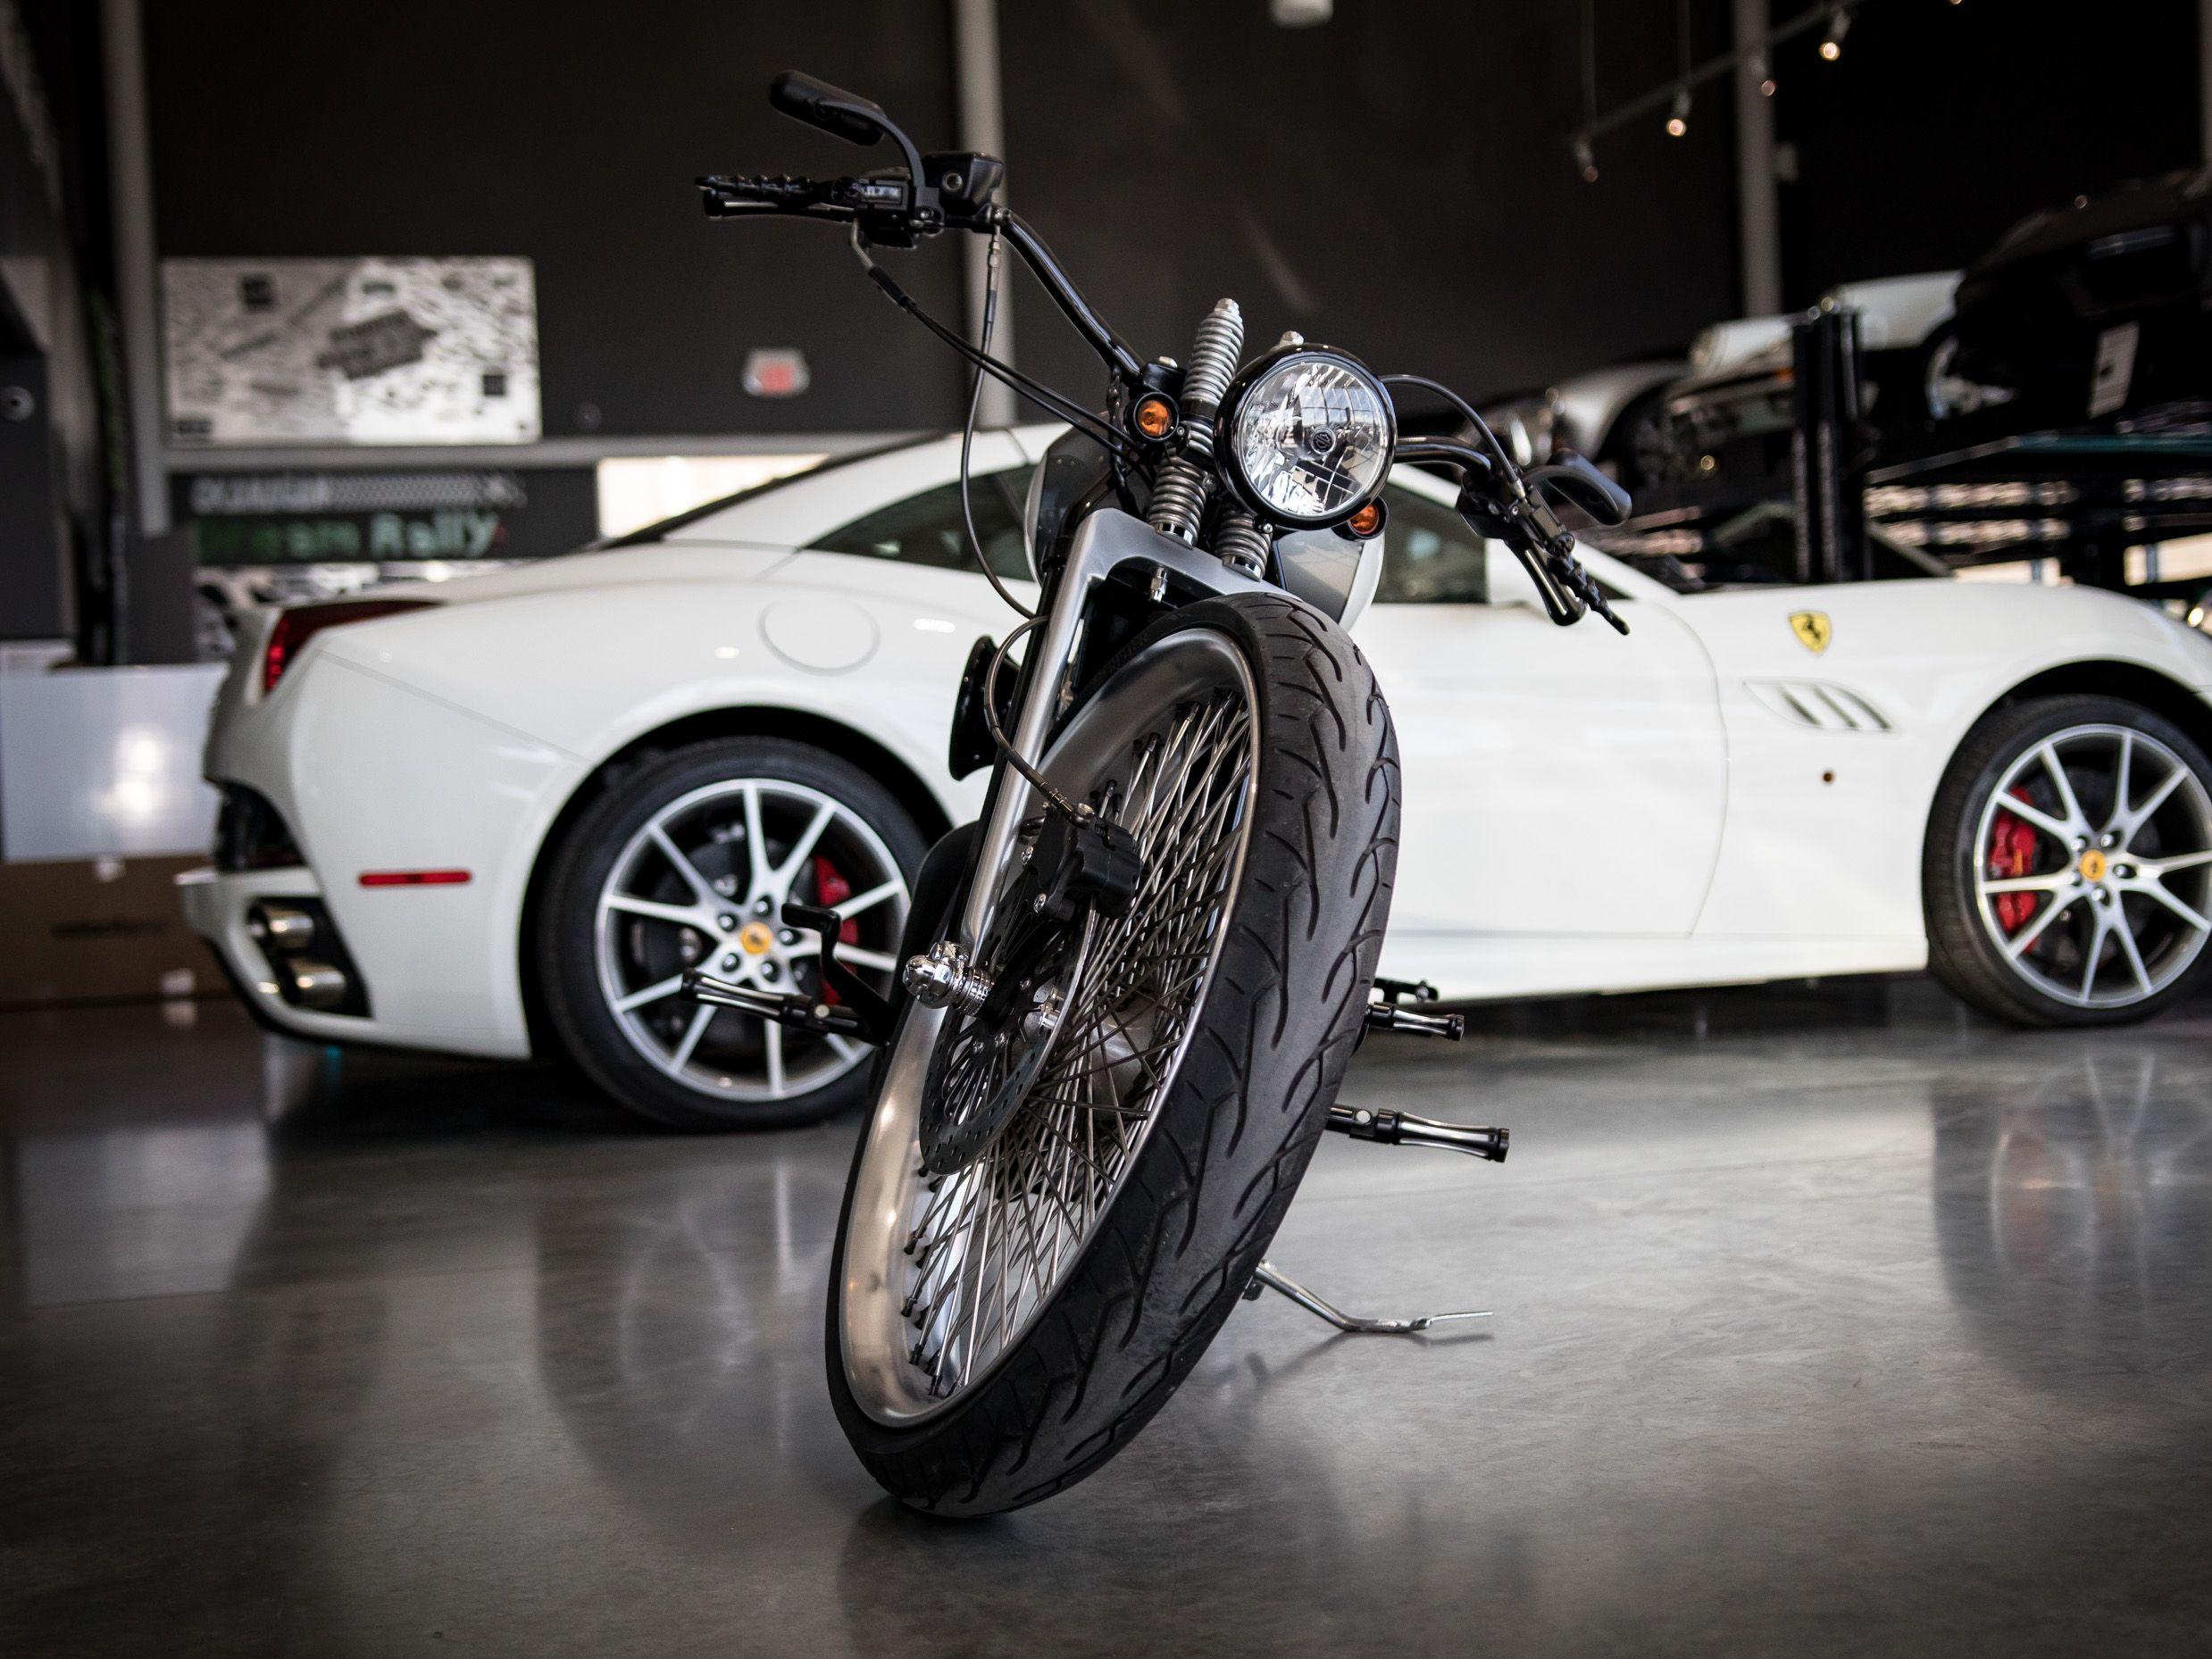 Pre Owned 2007 Harley Davidson Sportster 1200 Custom Built In Kelowna Bc Canada Au 1040 August Luxury Motorcars